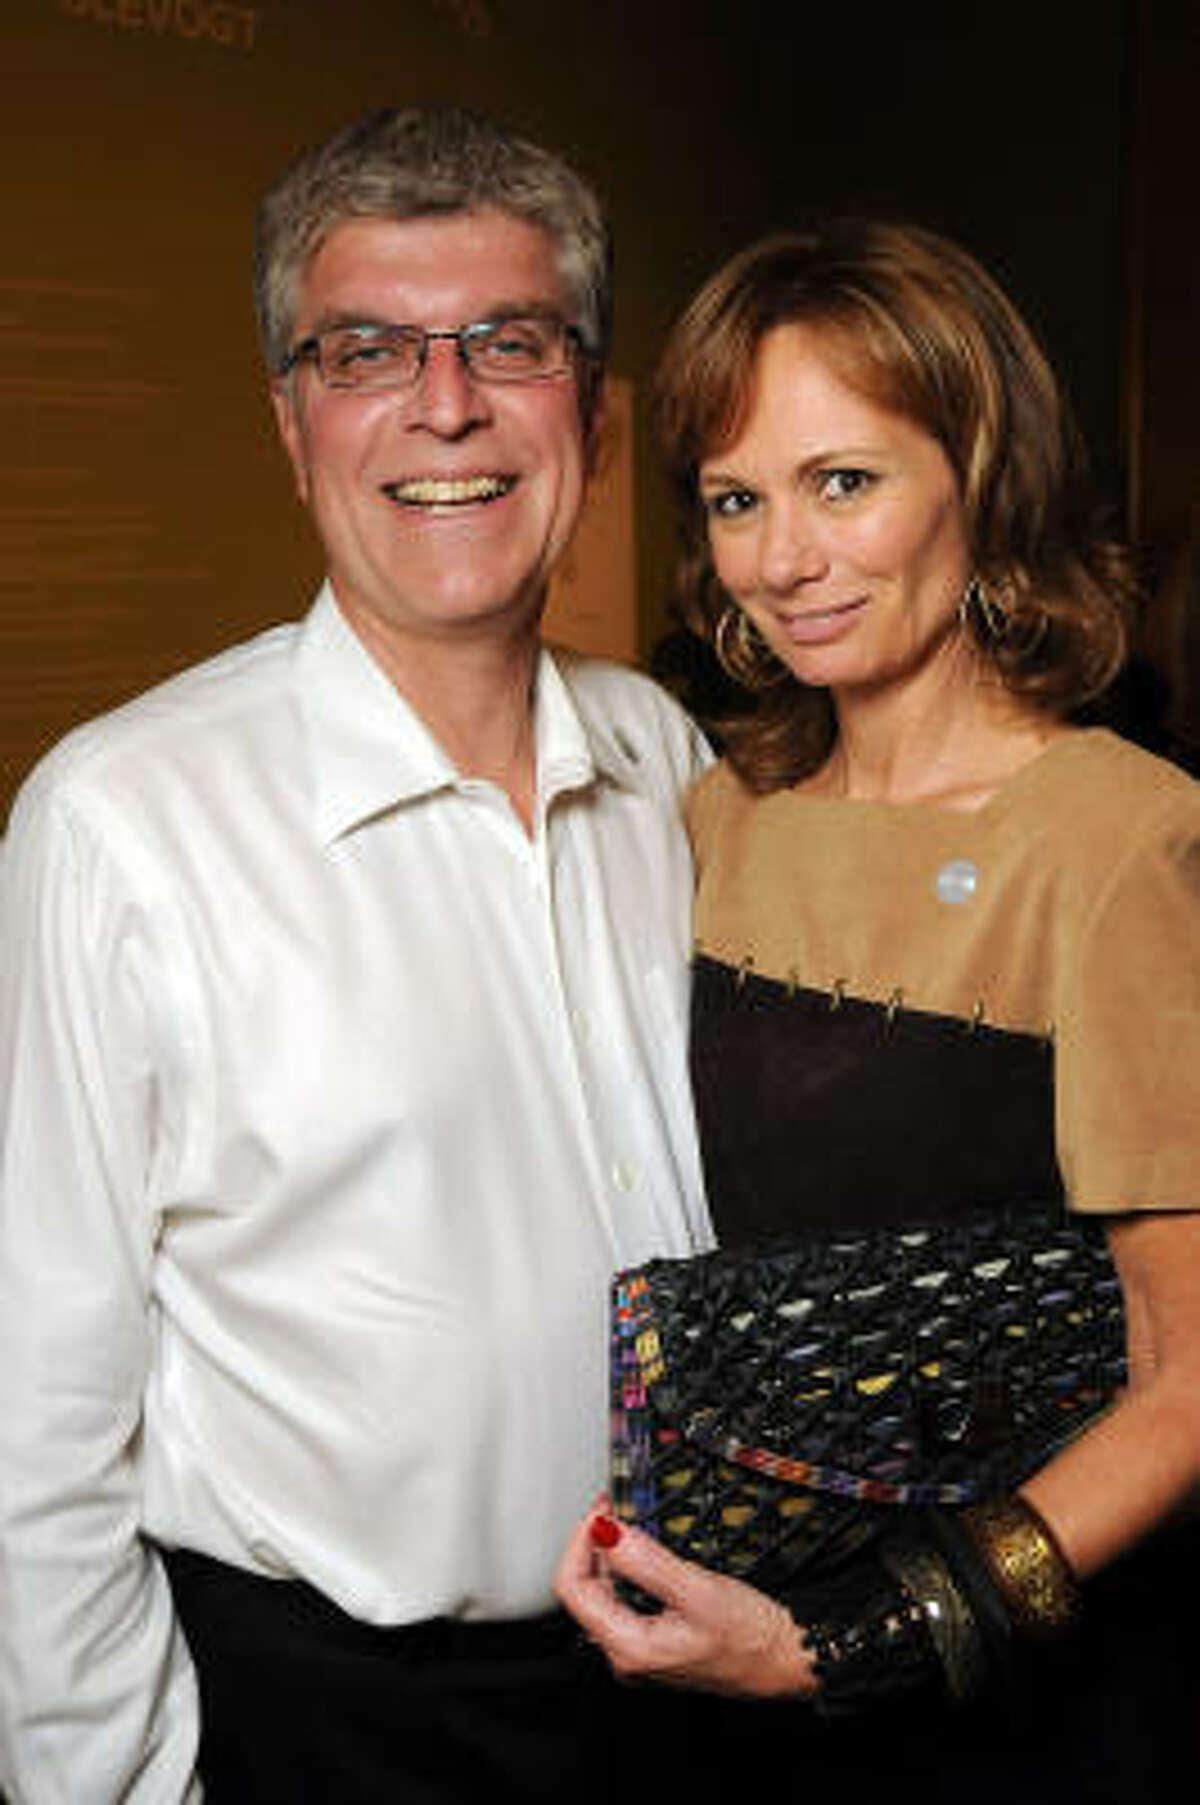 Richard Lyon and Trudi Gonseaux